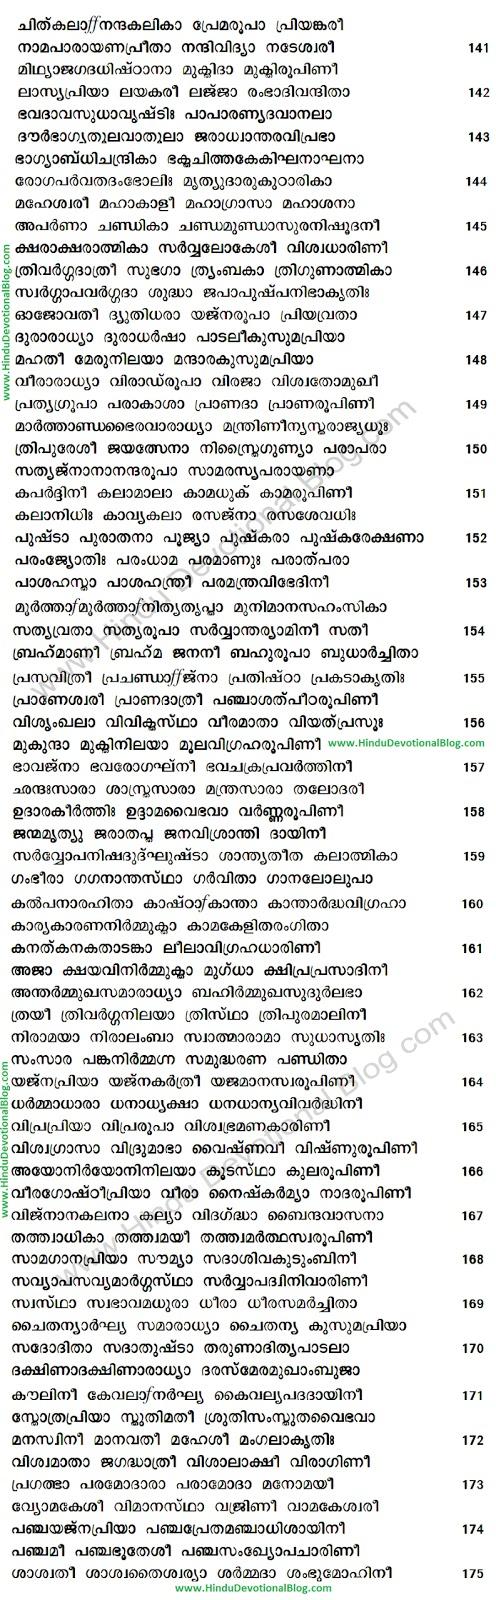 Vishnu sahasranamam namavali mp3 free download